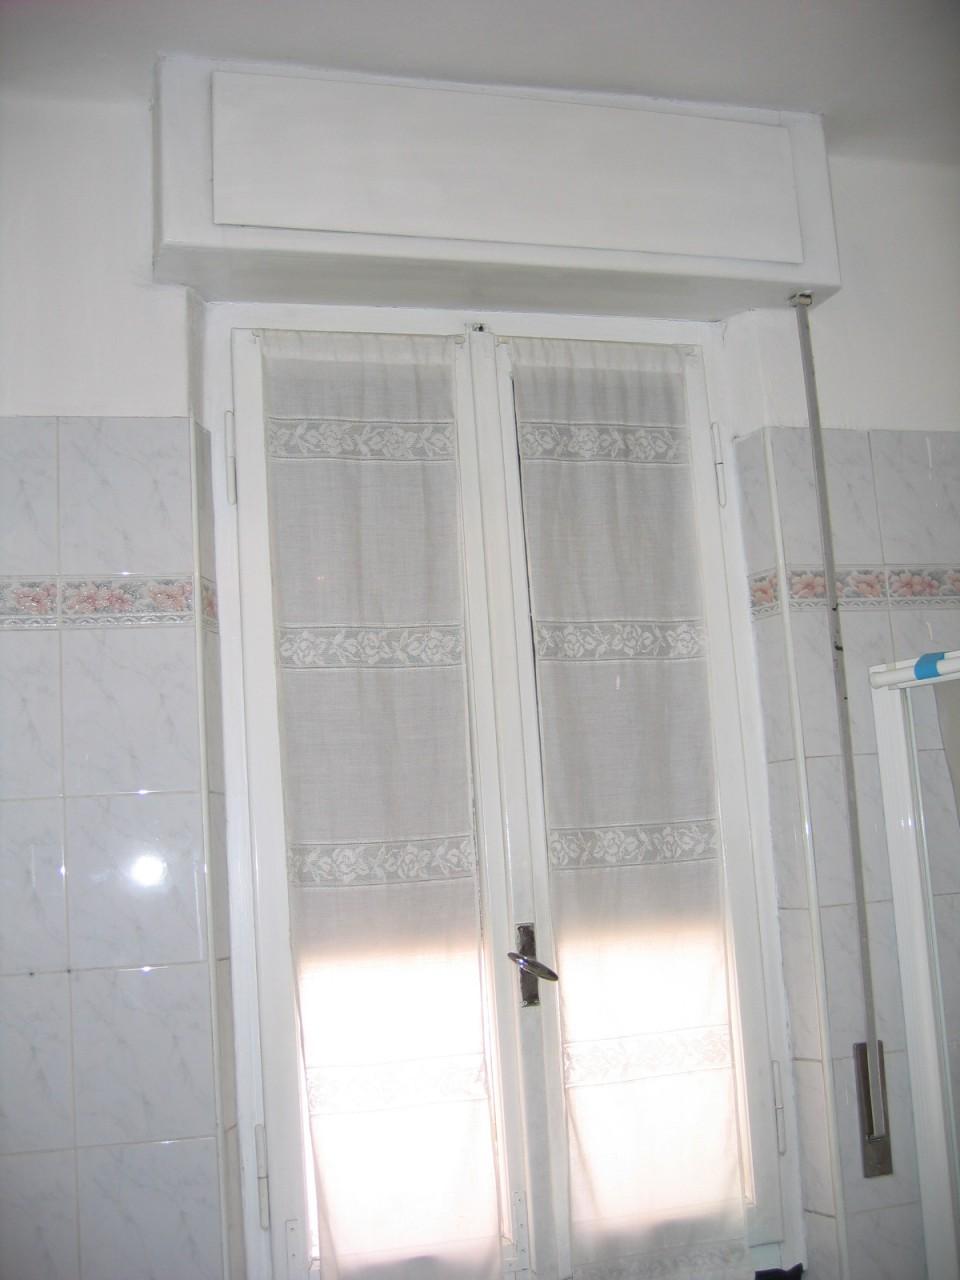 Serramenti in pvc con cassonetti a soffitto infix - Tende finestre pvc ...